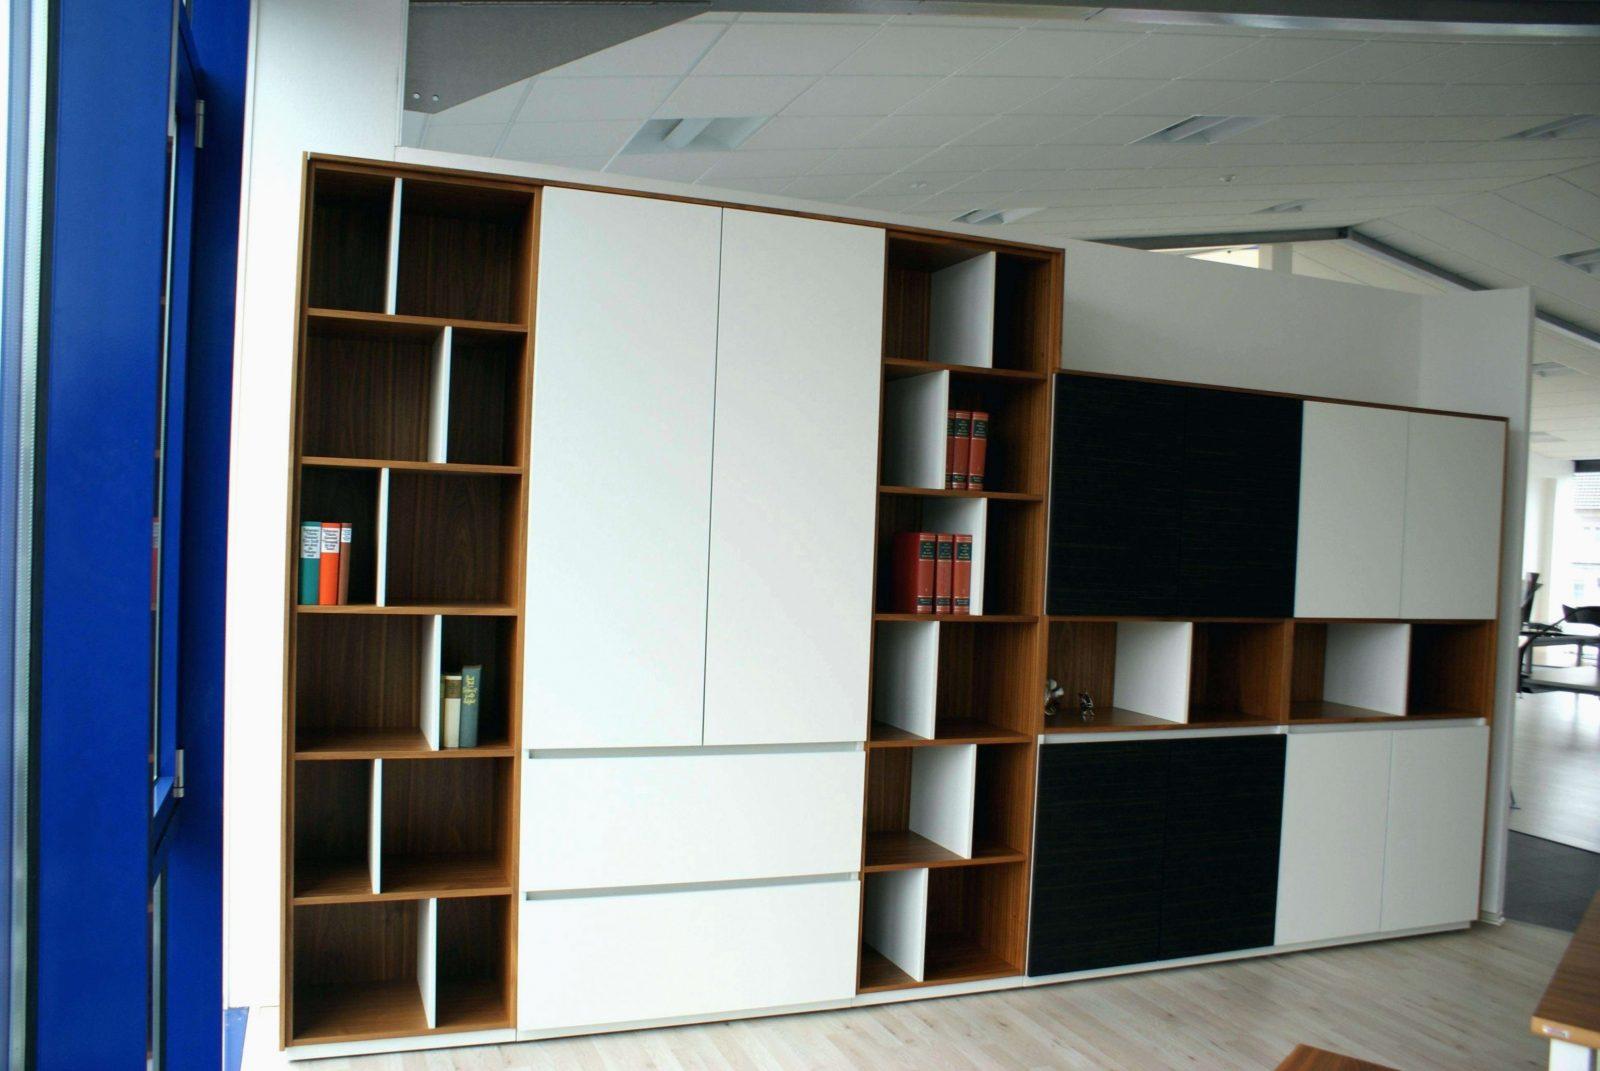 Rolladenschrank Lidl Beseelt Luxus Aktenschrank Abschließbar Ikea von Aktenschrank Mit Rolladen Lidl Photo